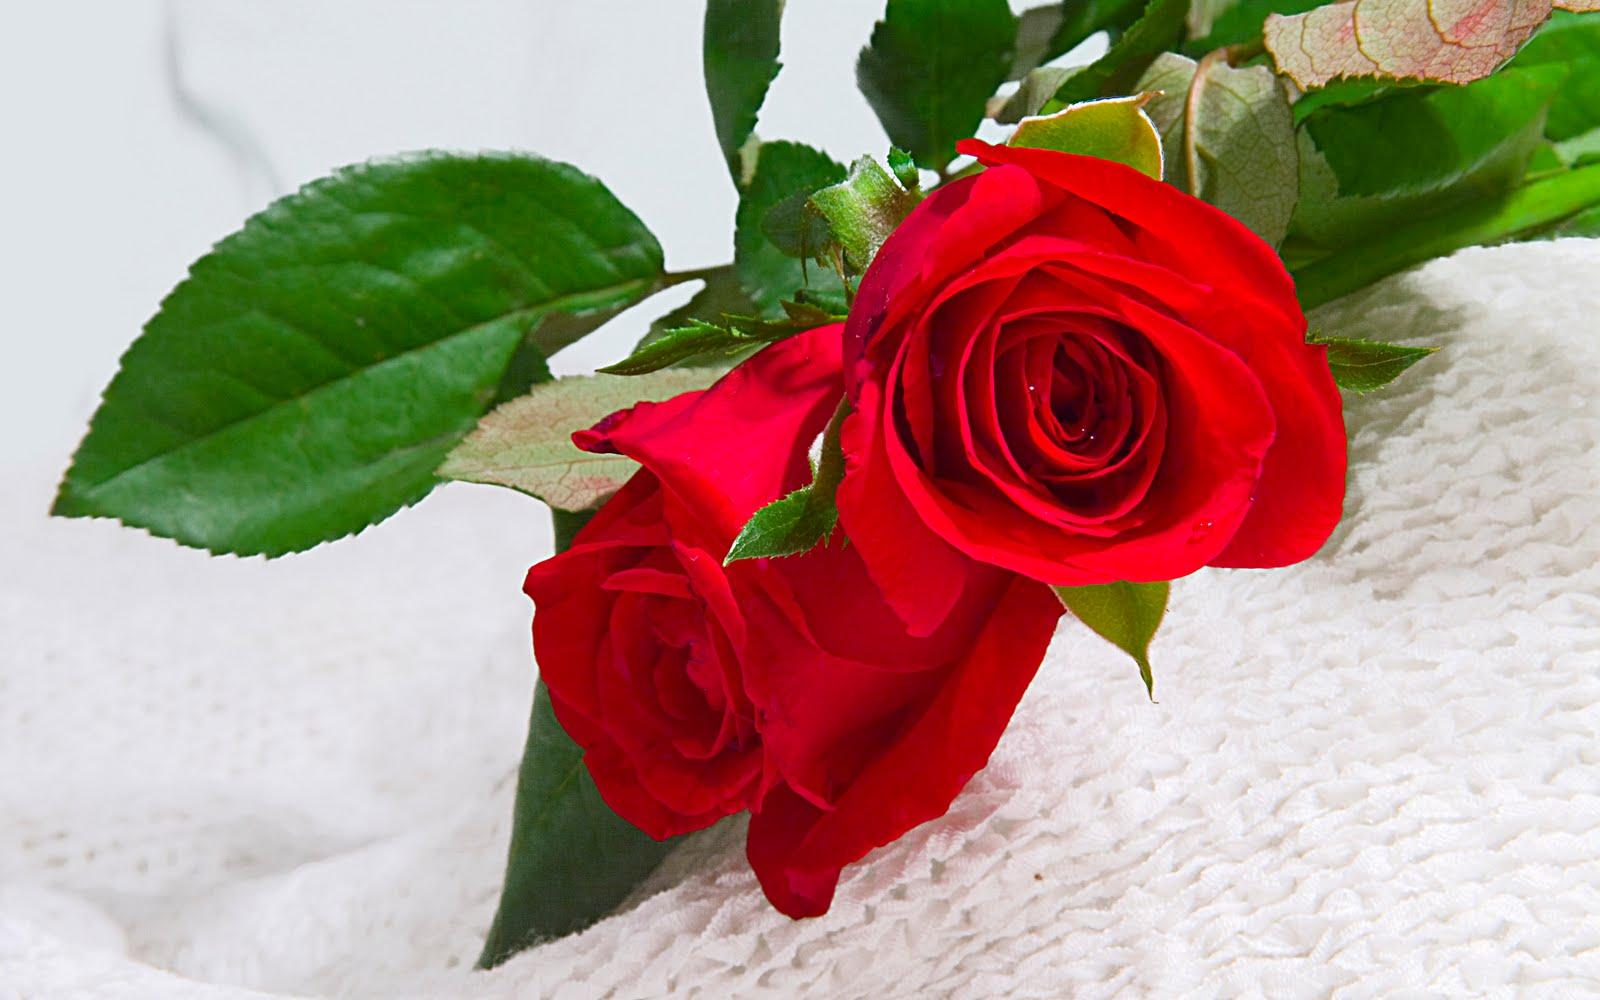 http://4.bp.blogspot.com/-ZhRoiHwLxGU/UFhSVPblm6I/AAAAAAAAAlQ/-ietByf2a9g/s1600/red_rose_wallpaper.jpg